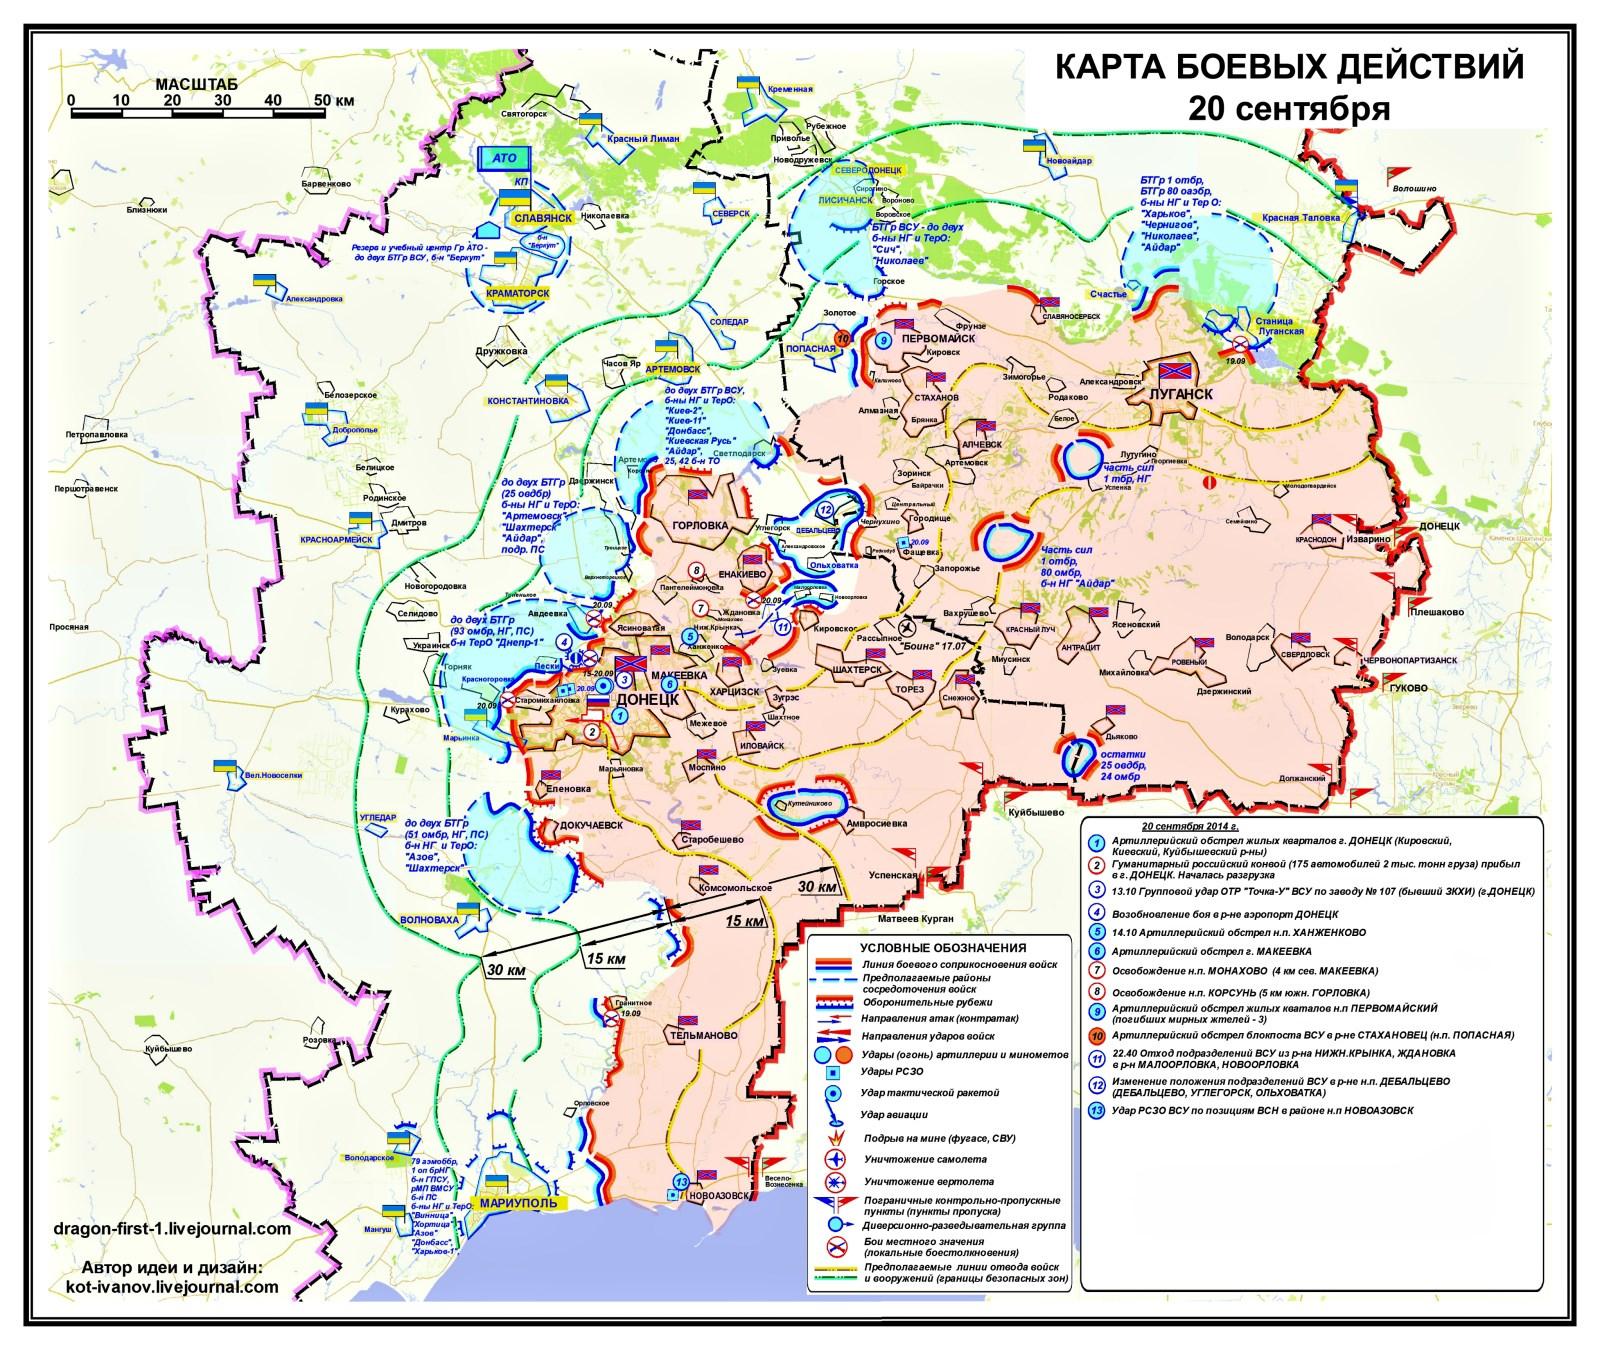 00 Novorossiya sitrep 01. 21.09.14